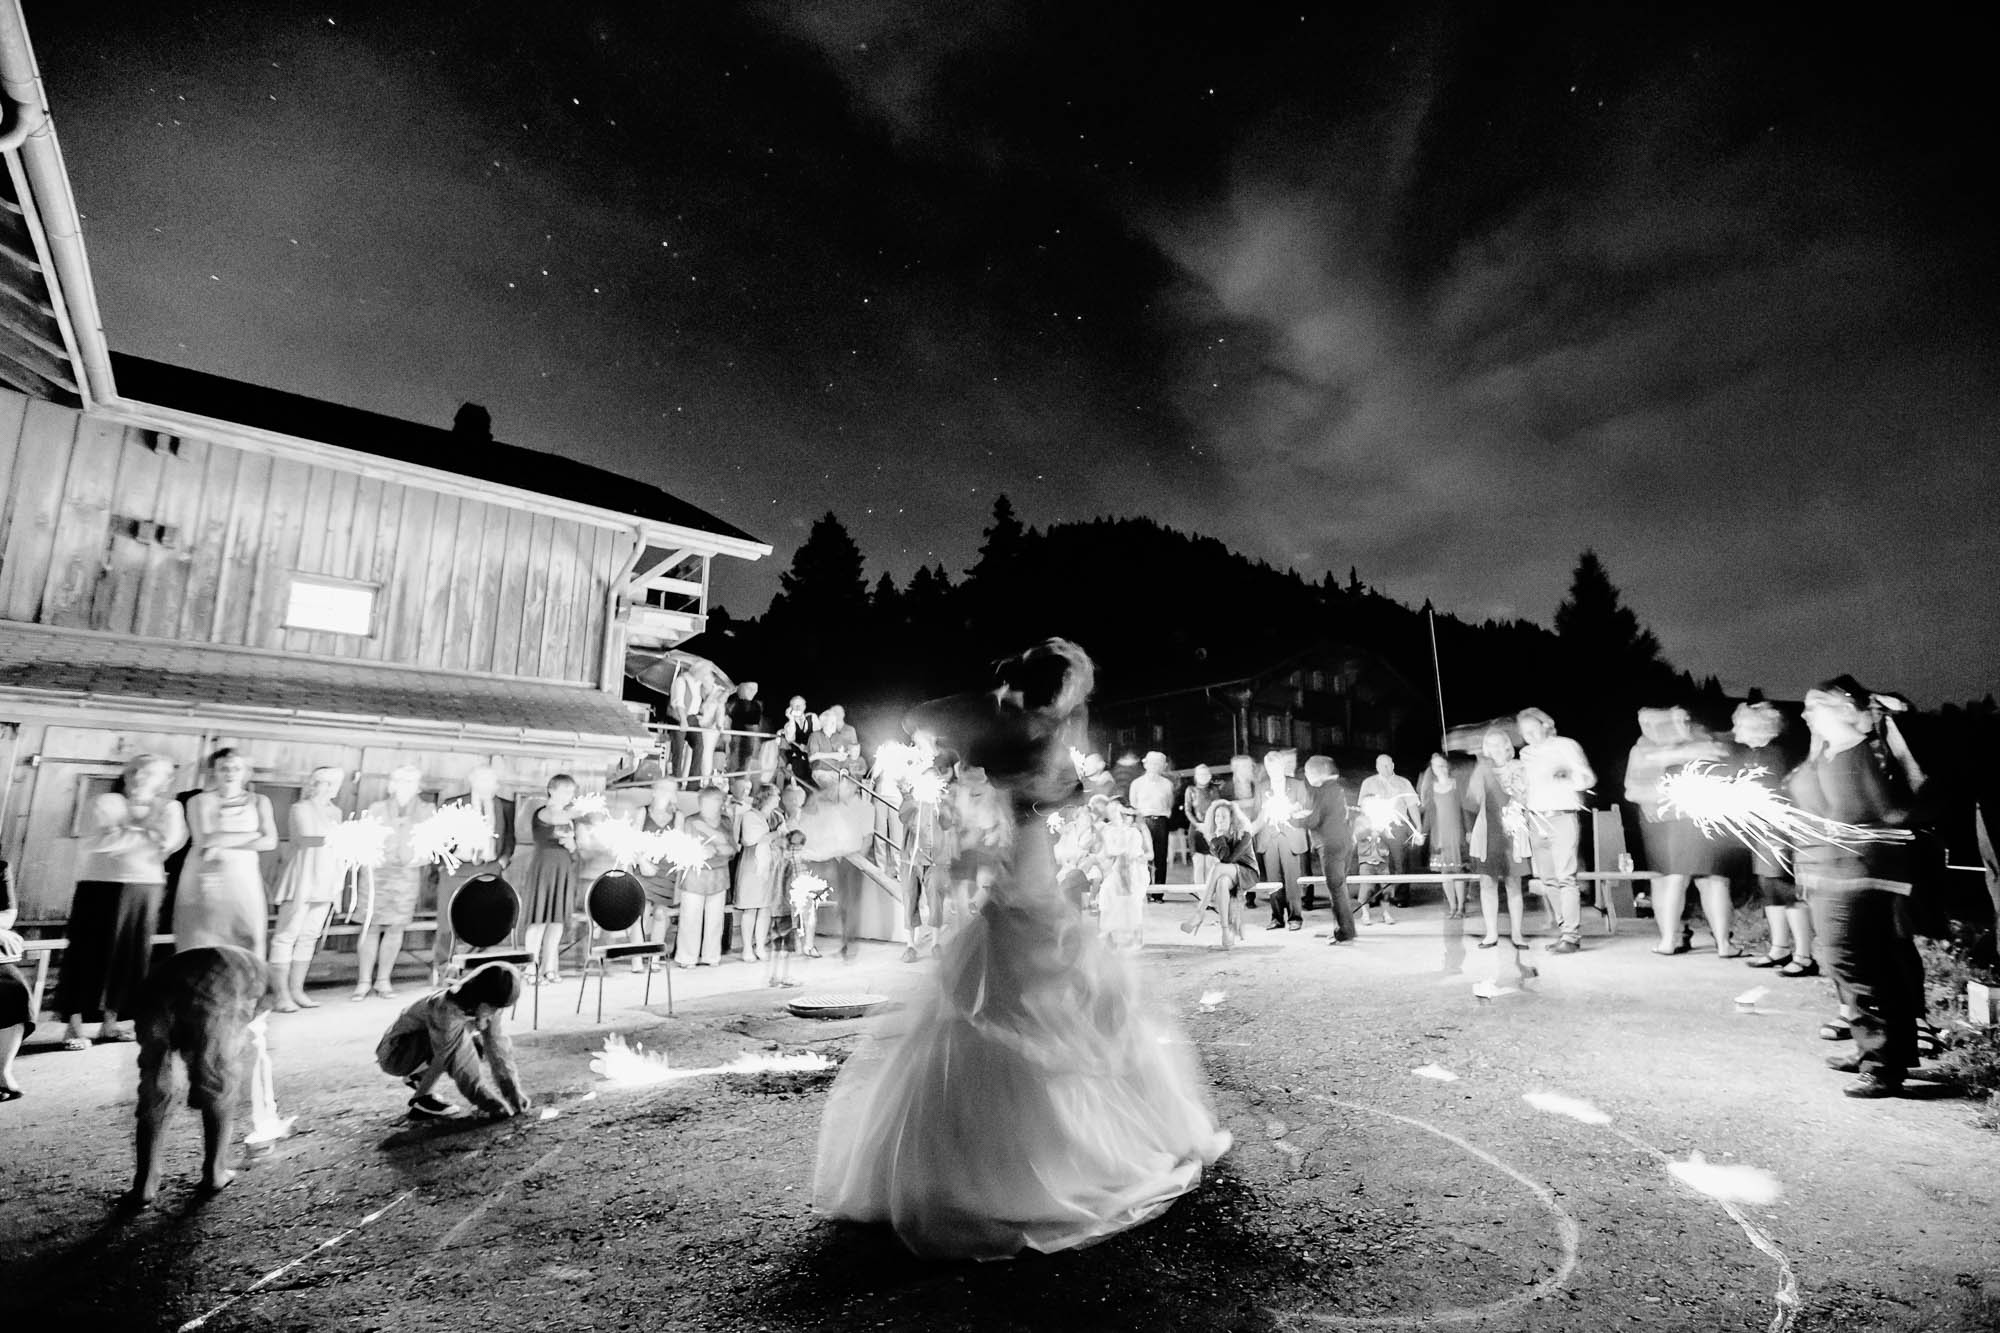 Hochzeitstanz unter Sternenhimmel auf einer Alp